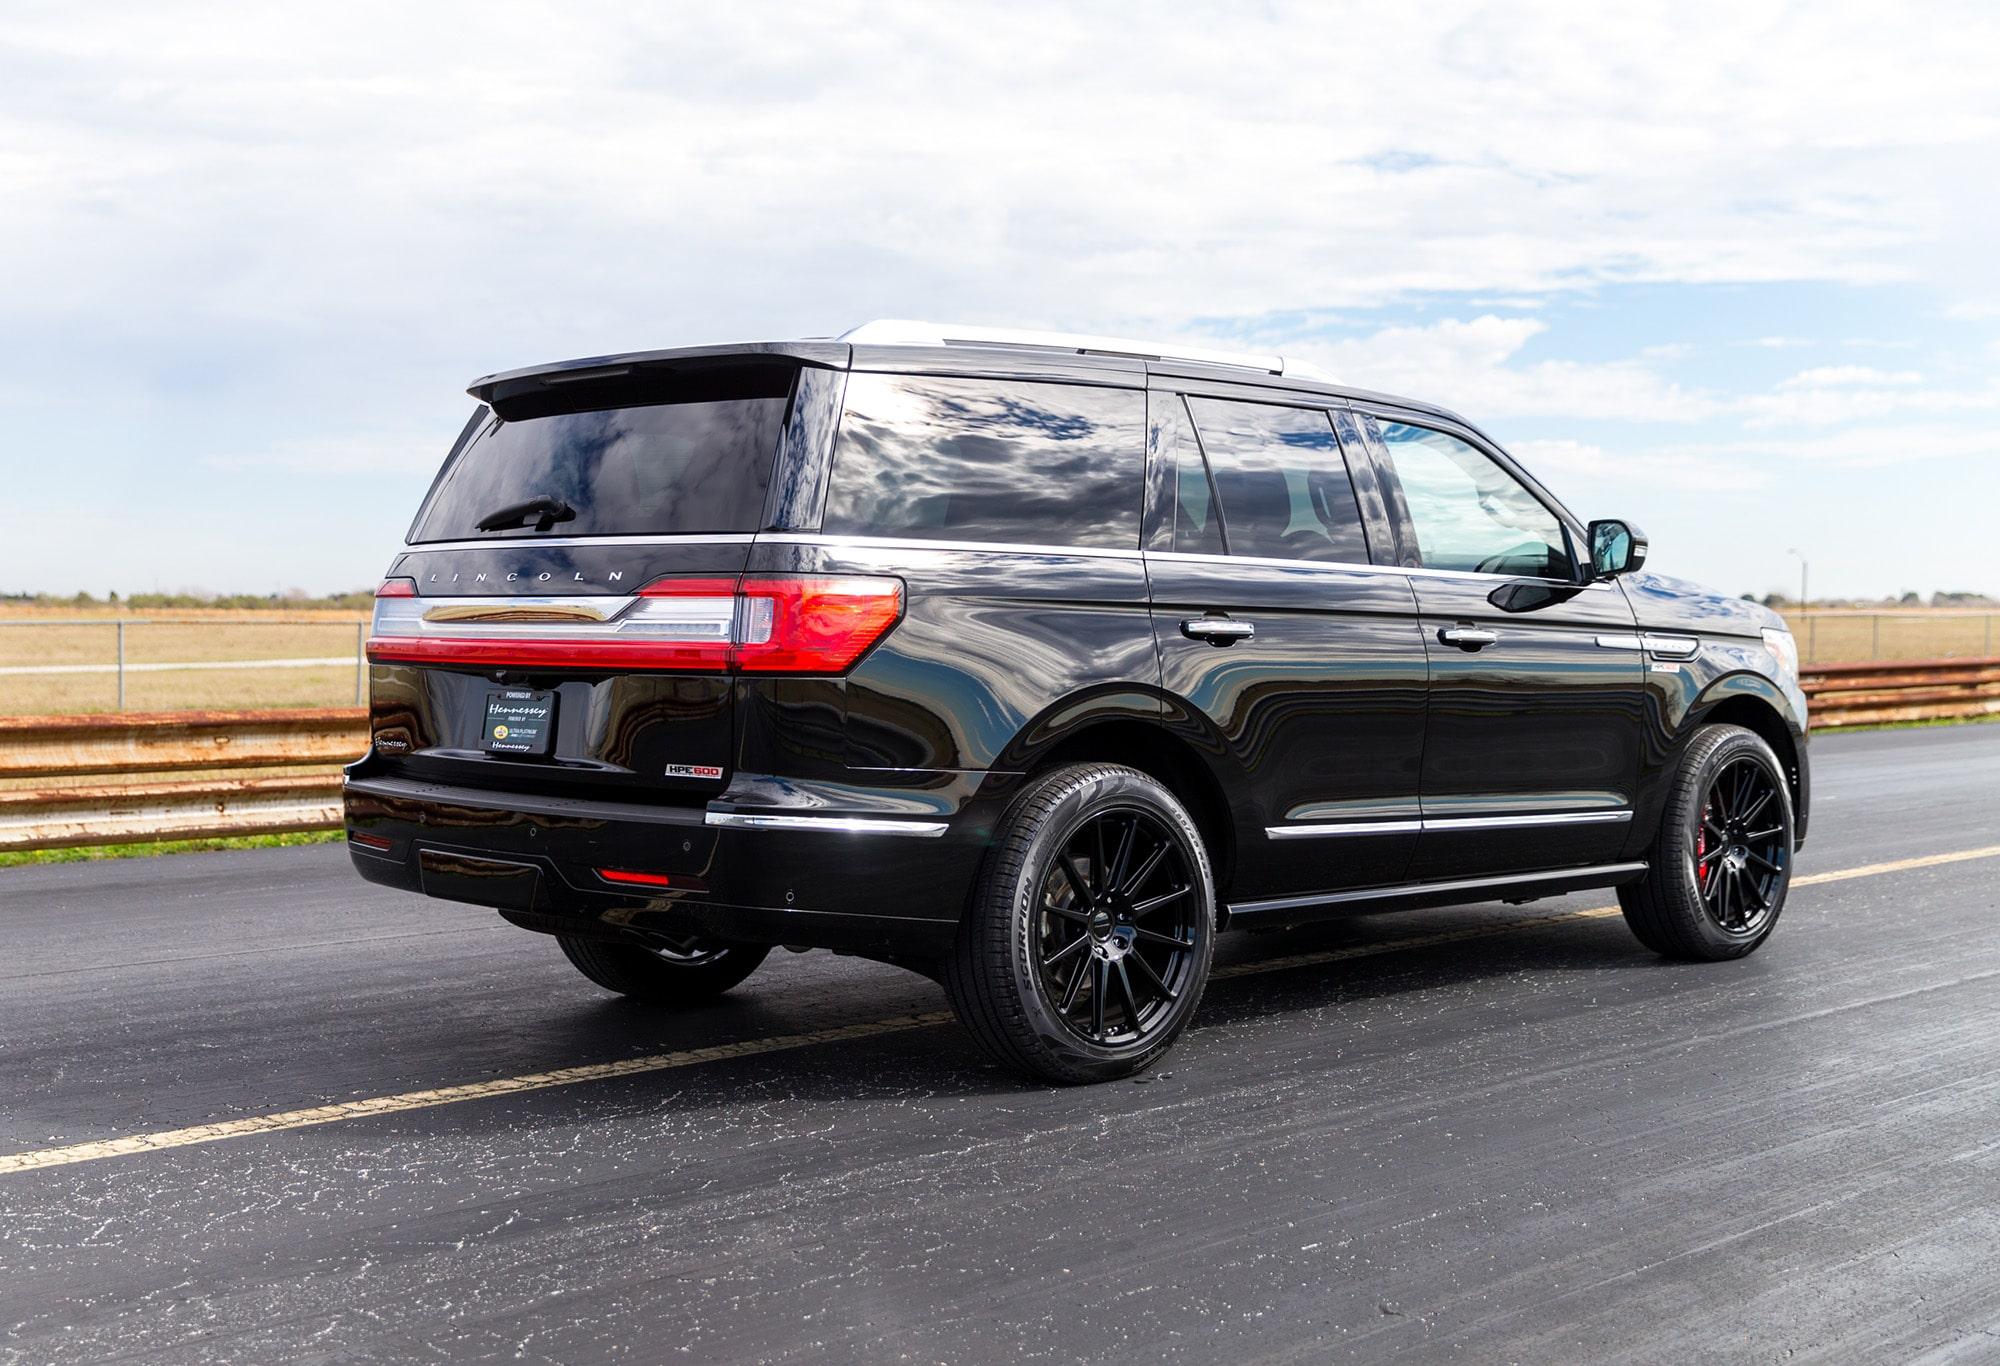 Hennessey HPE600 Lincoln Navitator 2019 HPE600-Lincoln-Navigator-7-min